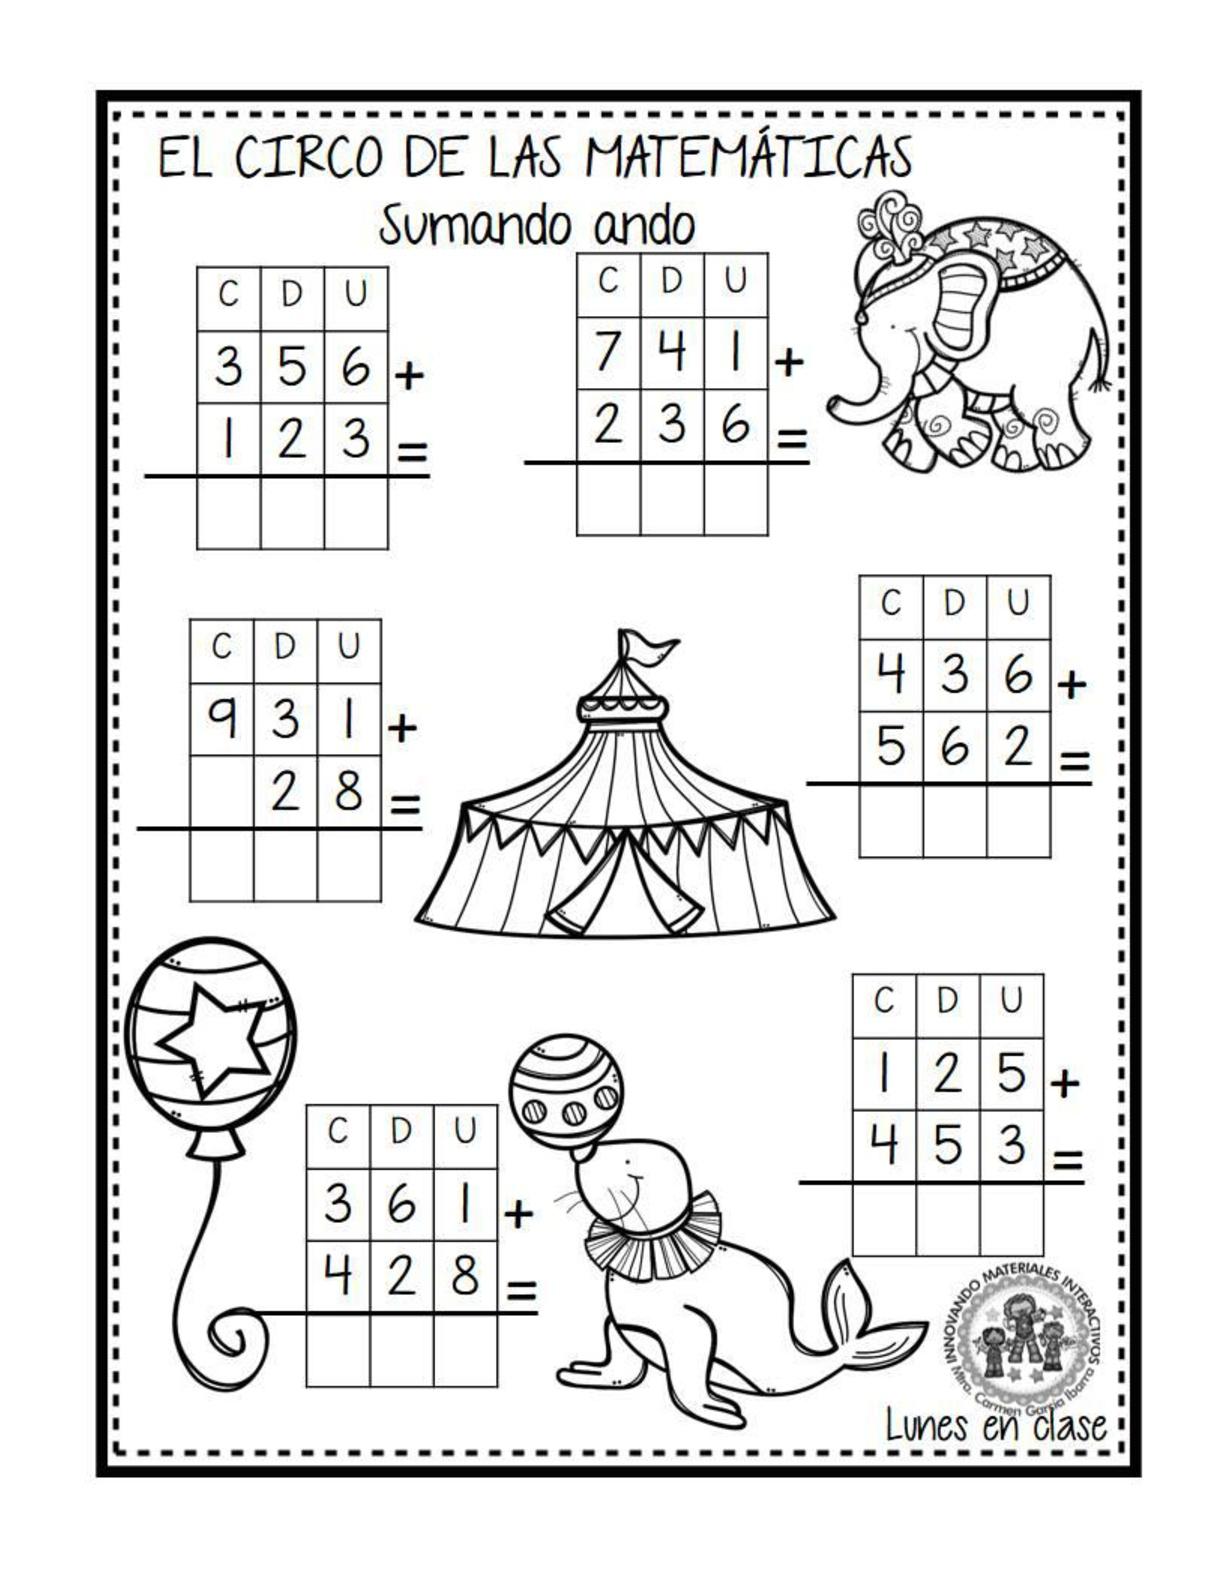 El circo de las matemáticas (5) - Imagenes Educativas